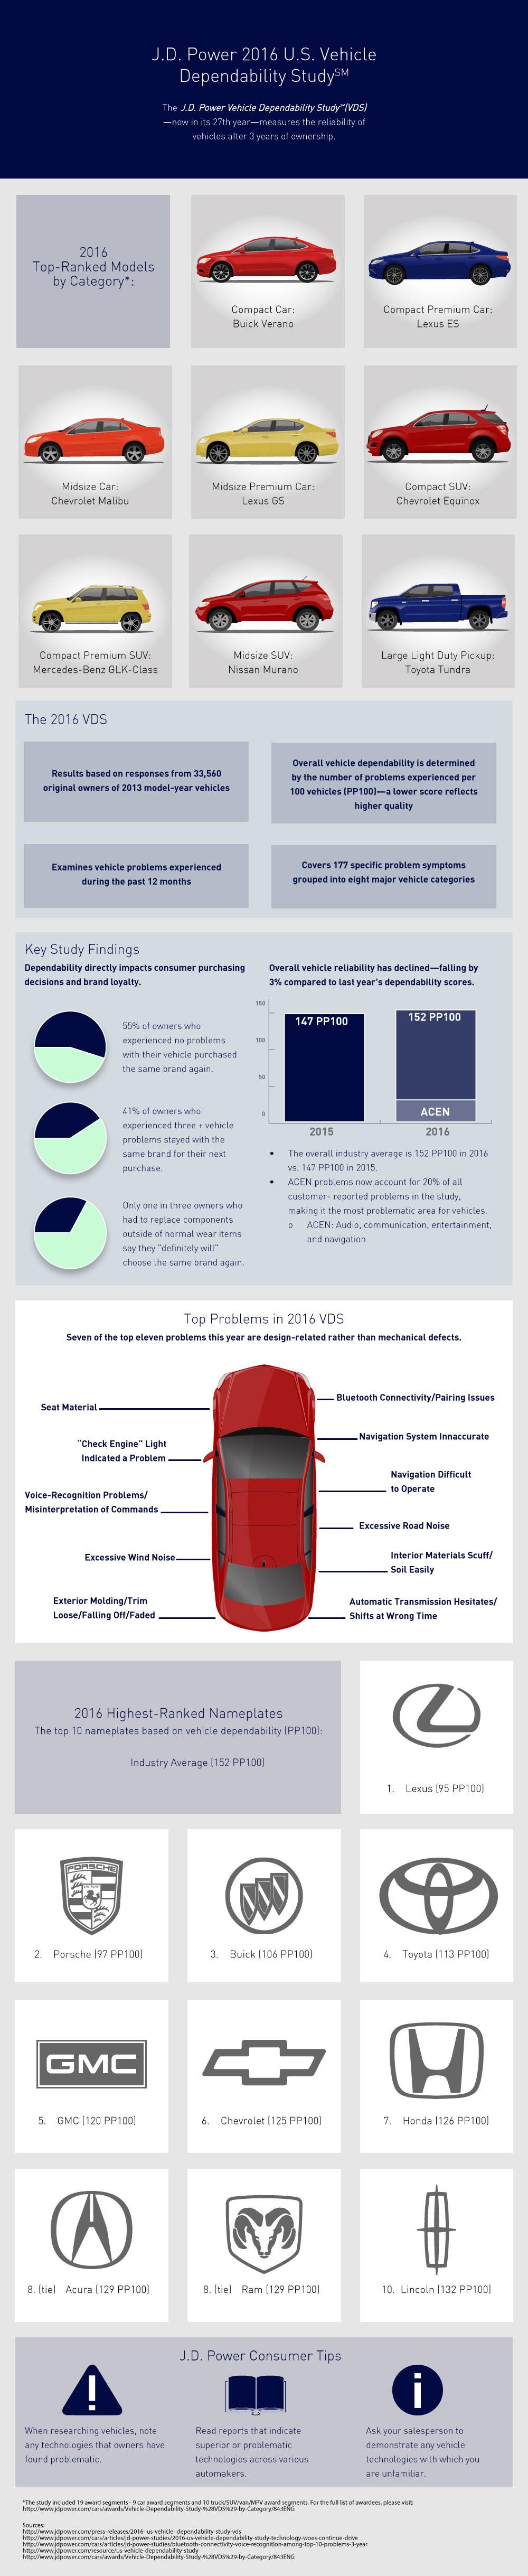 J.D. Power Vehicle Dependability 2016